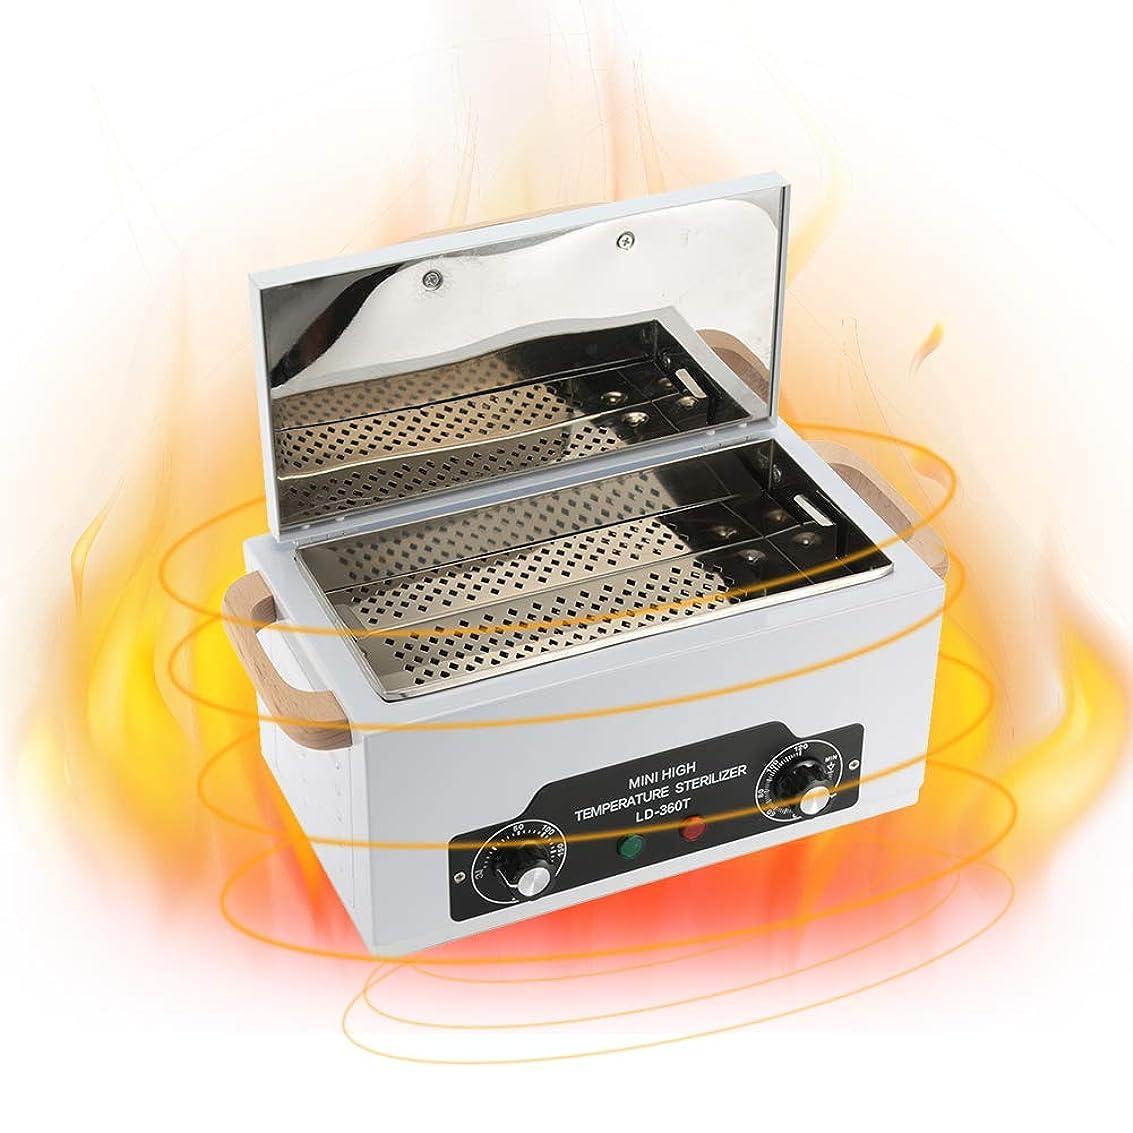 解体する不調和暗黙ネイルツール滅菌ボックス 高温滅菌器 ネイルツール 歯科用器具用 取り外し可能 ステンレス(1)